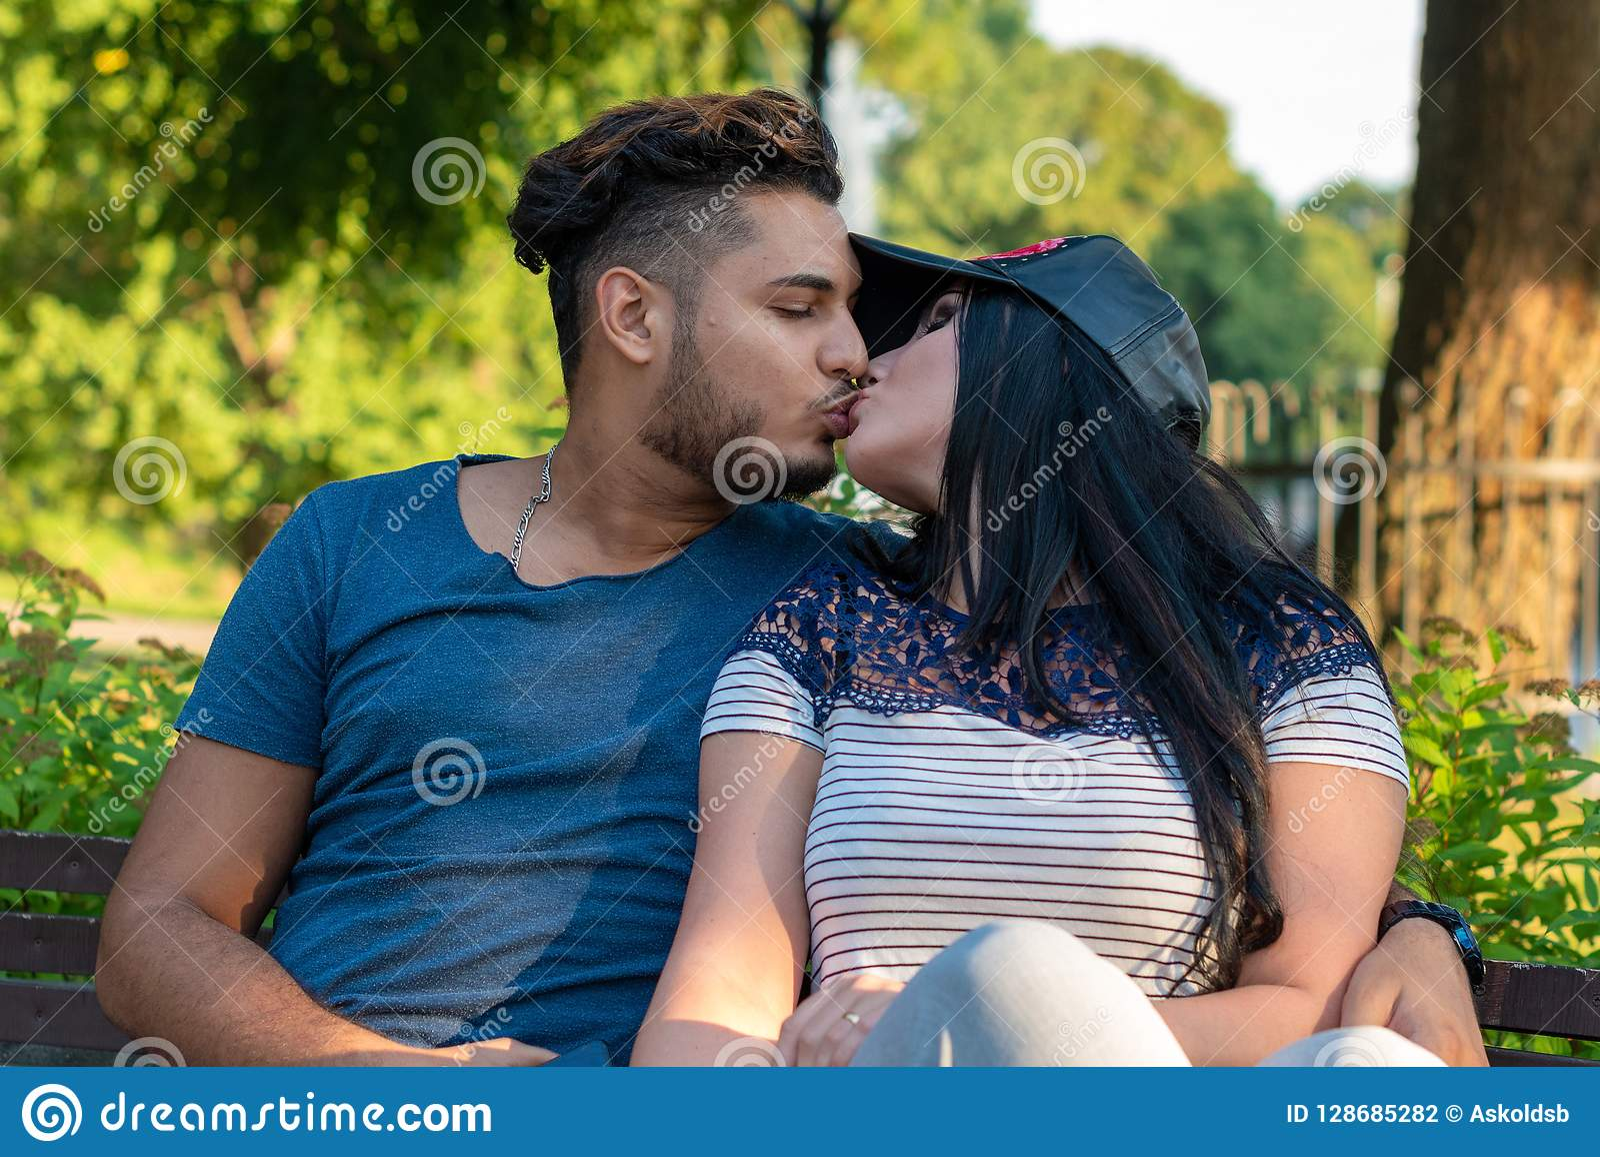 Dating side riga 10 ting som daterer noen med angst